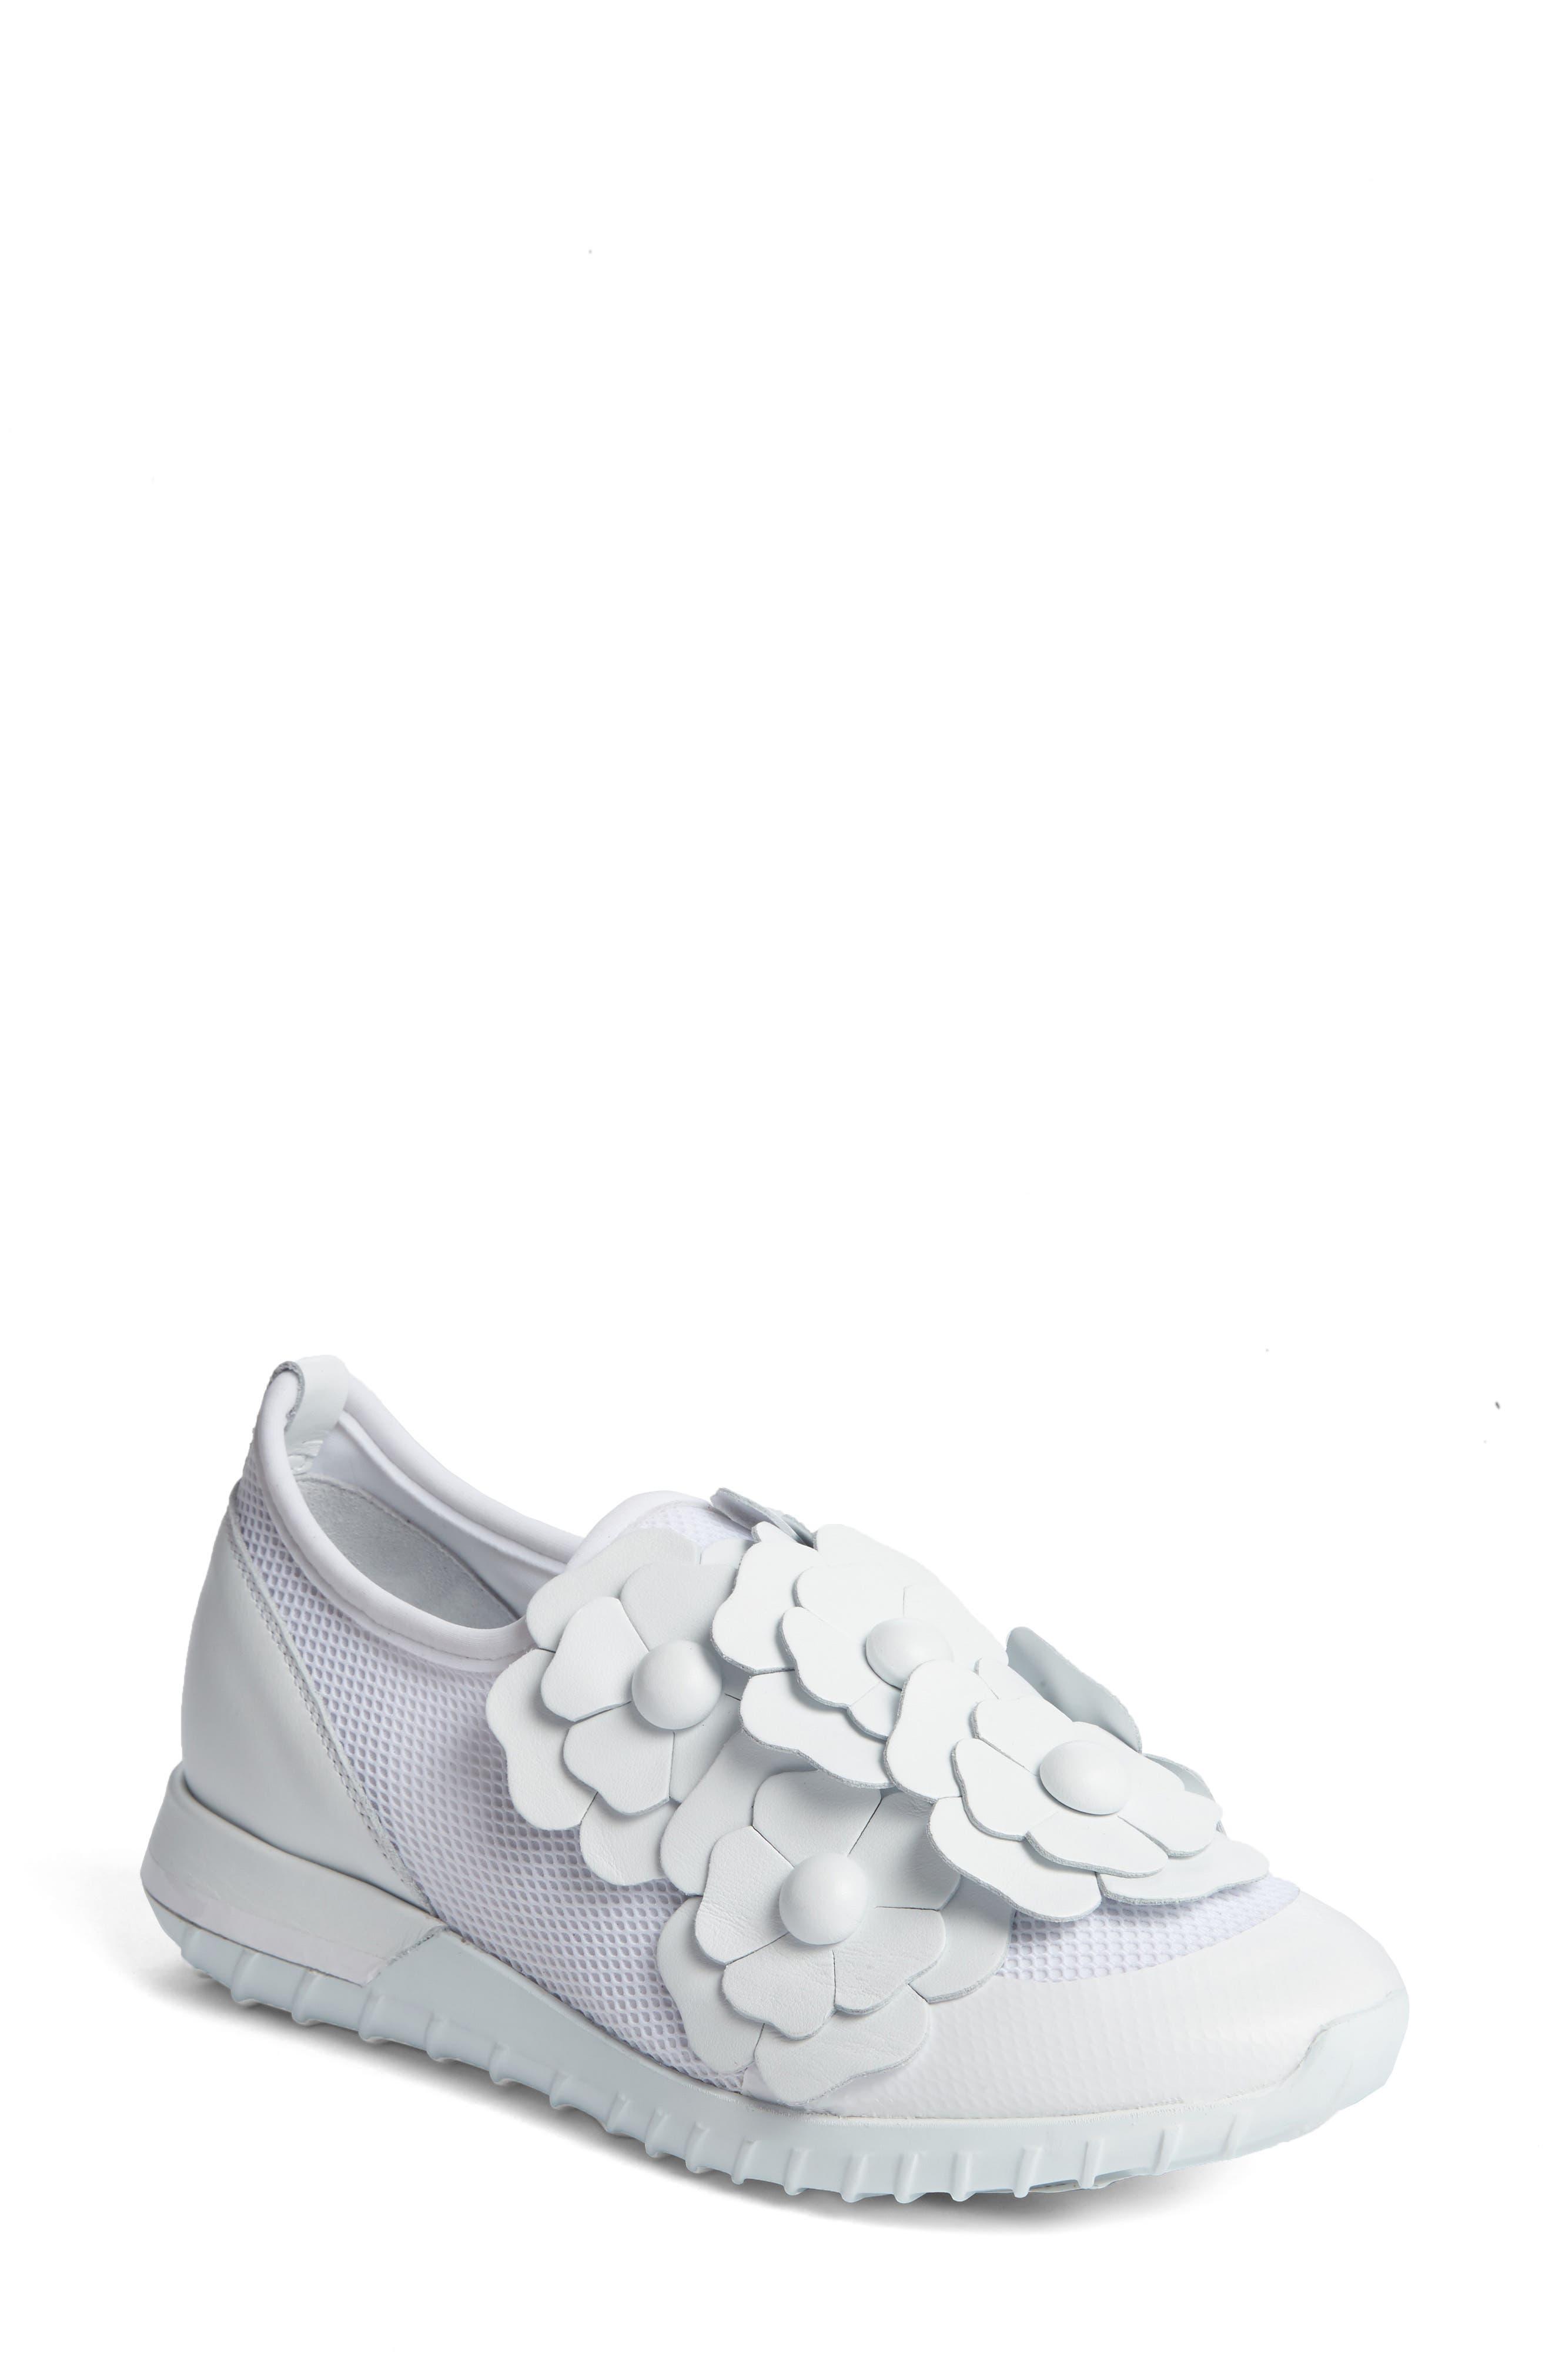 Emy Roseline Slip-On Sneaker,                             Main thumbnail 1, color,